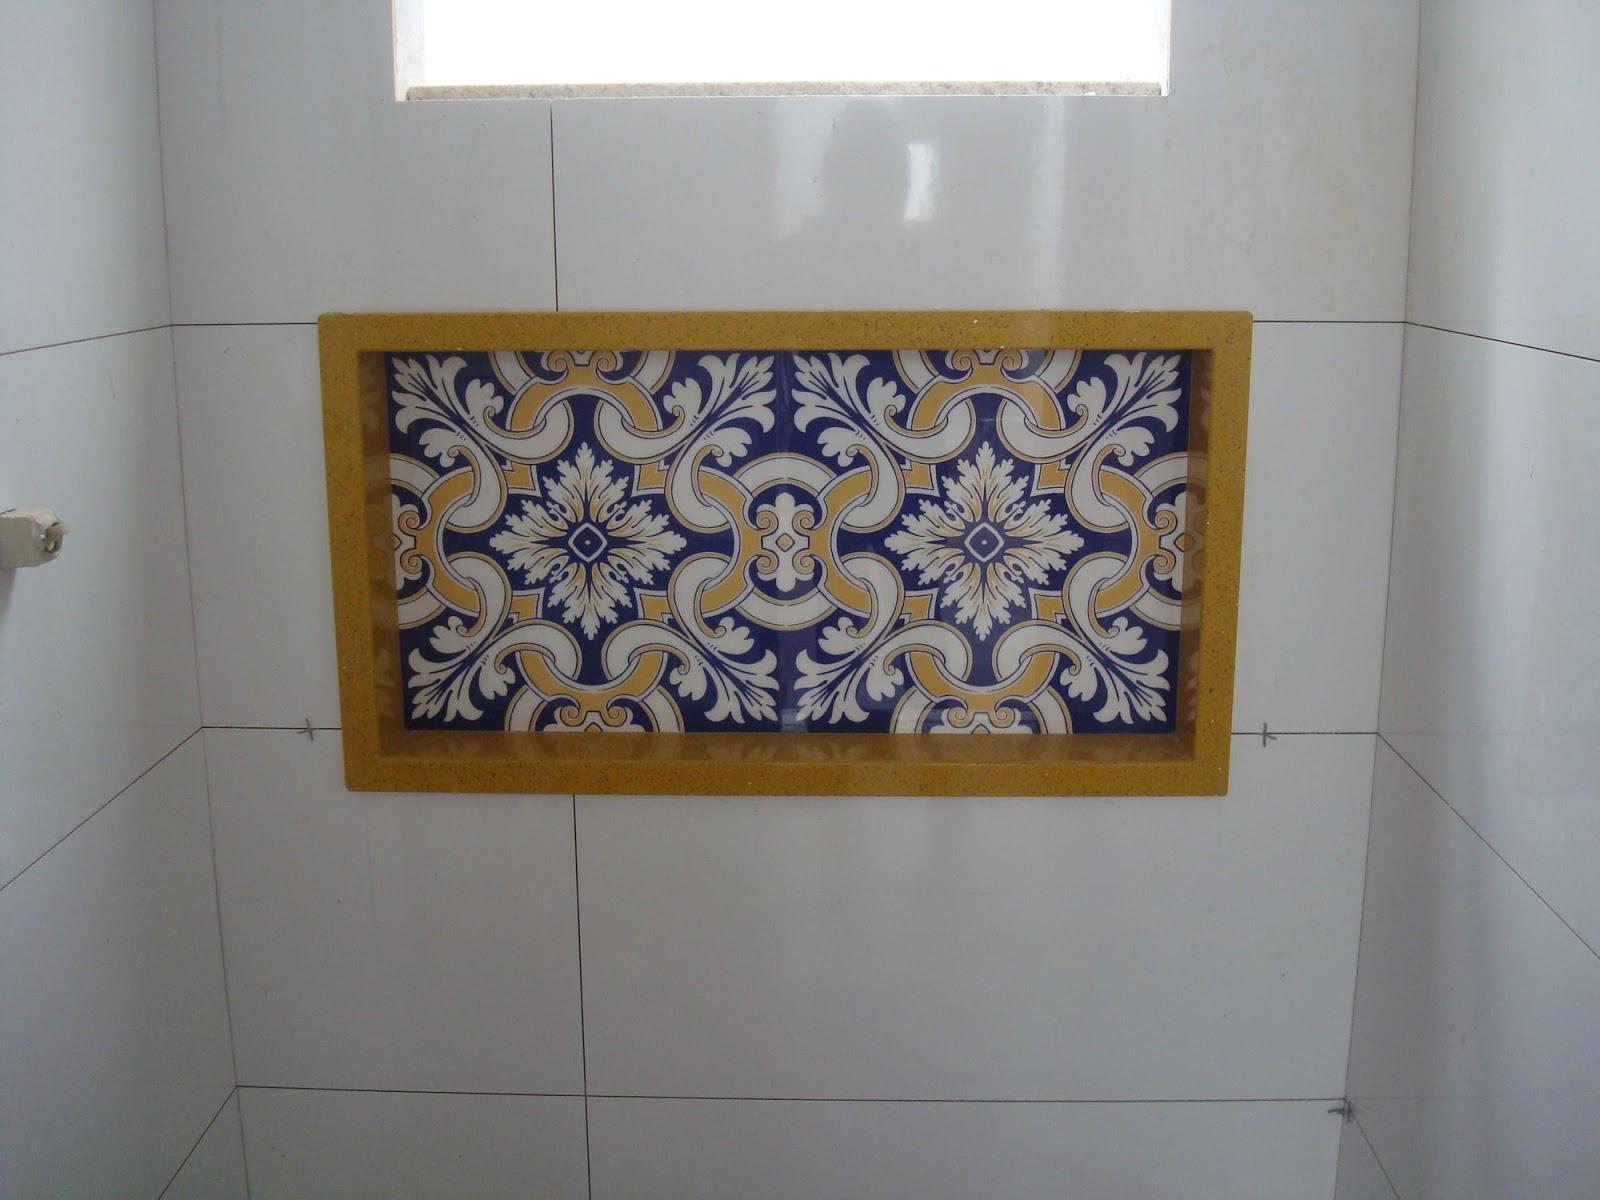 Construindo um Castelinho: Qual o porcelanato? E o revestimento? #67491D 1600x1200 Banheiro Branco Com Rejunte Azul